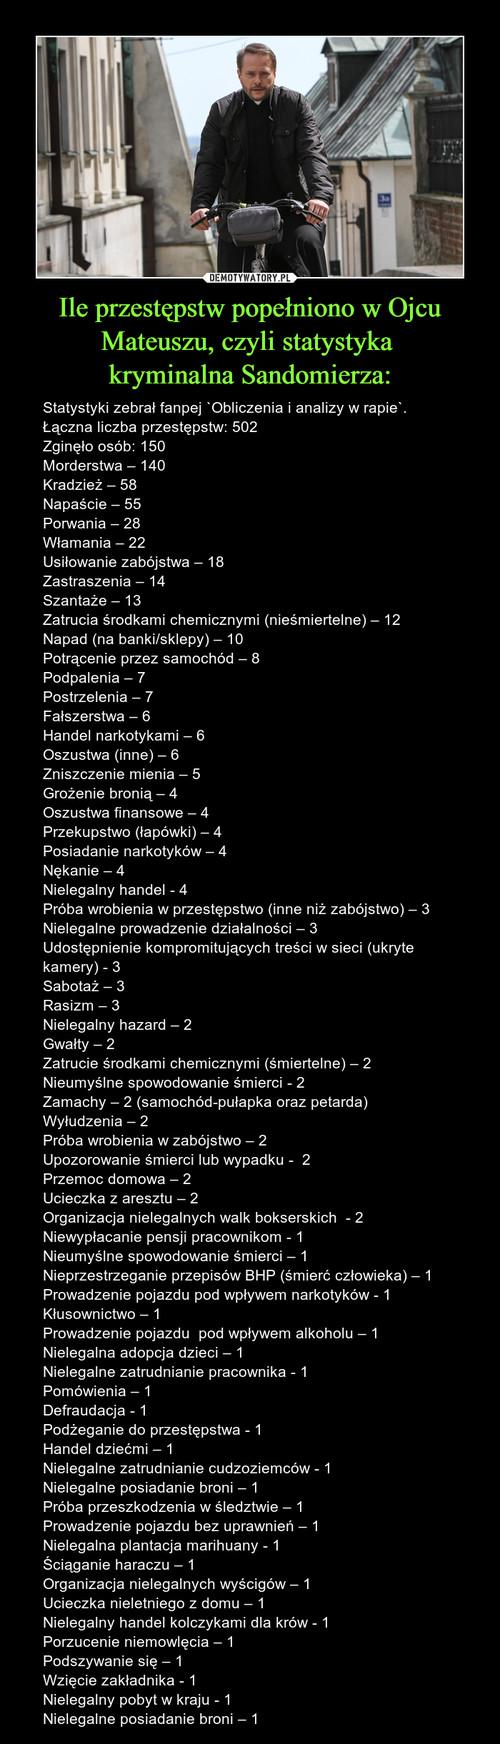 Ile przestępstw popełniono w Ojcu Mateuszu, czyli statystyka  kryminalna Sandomierza: